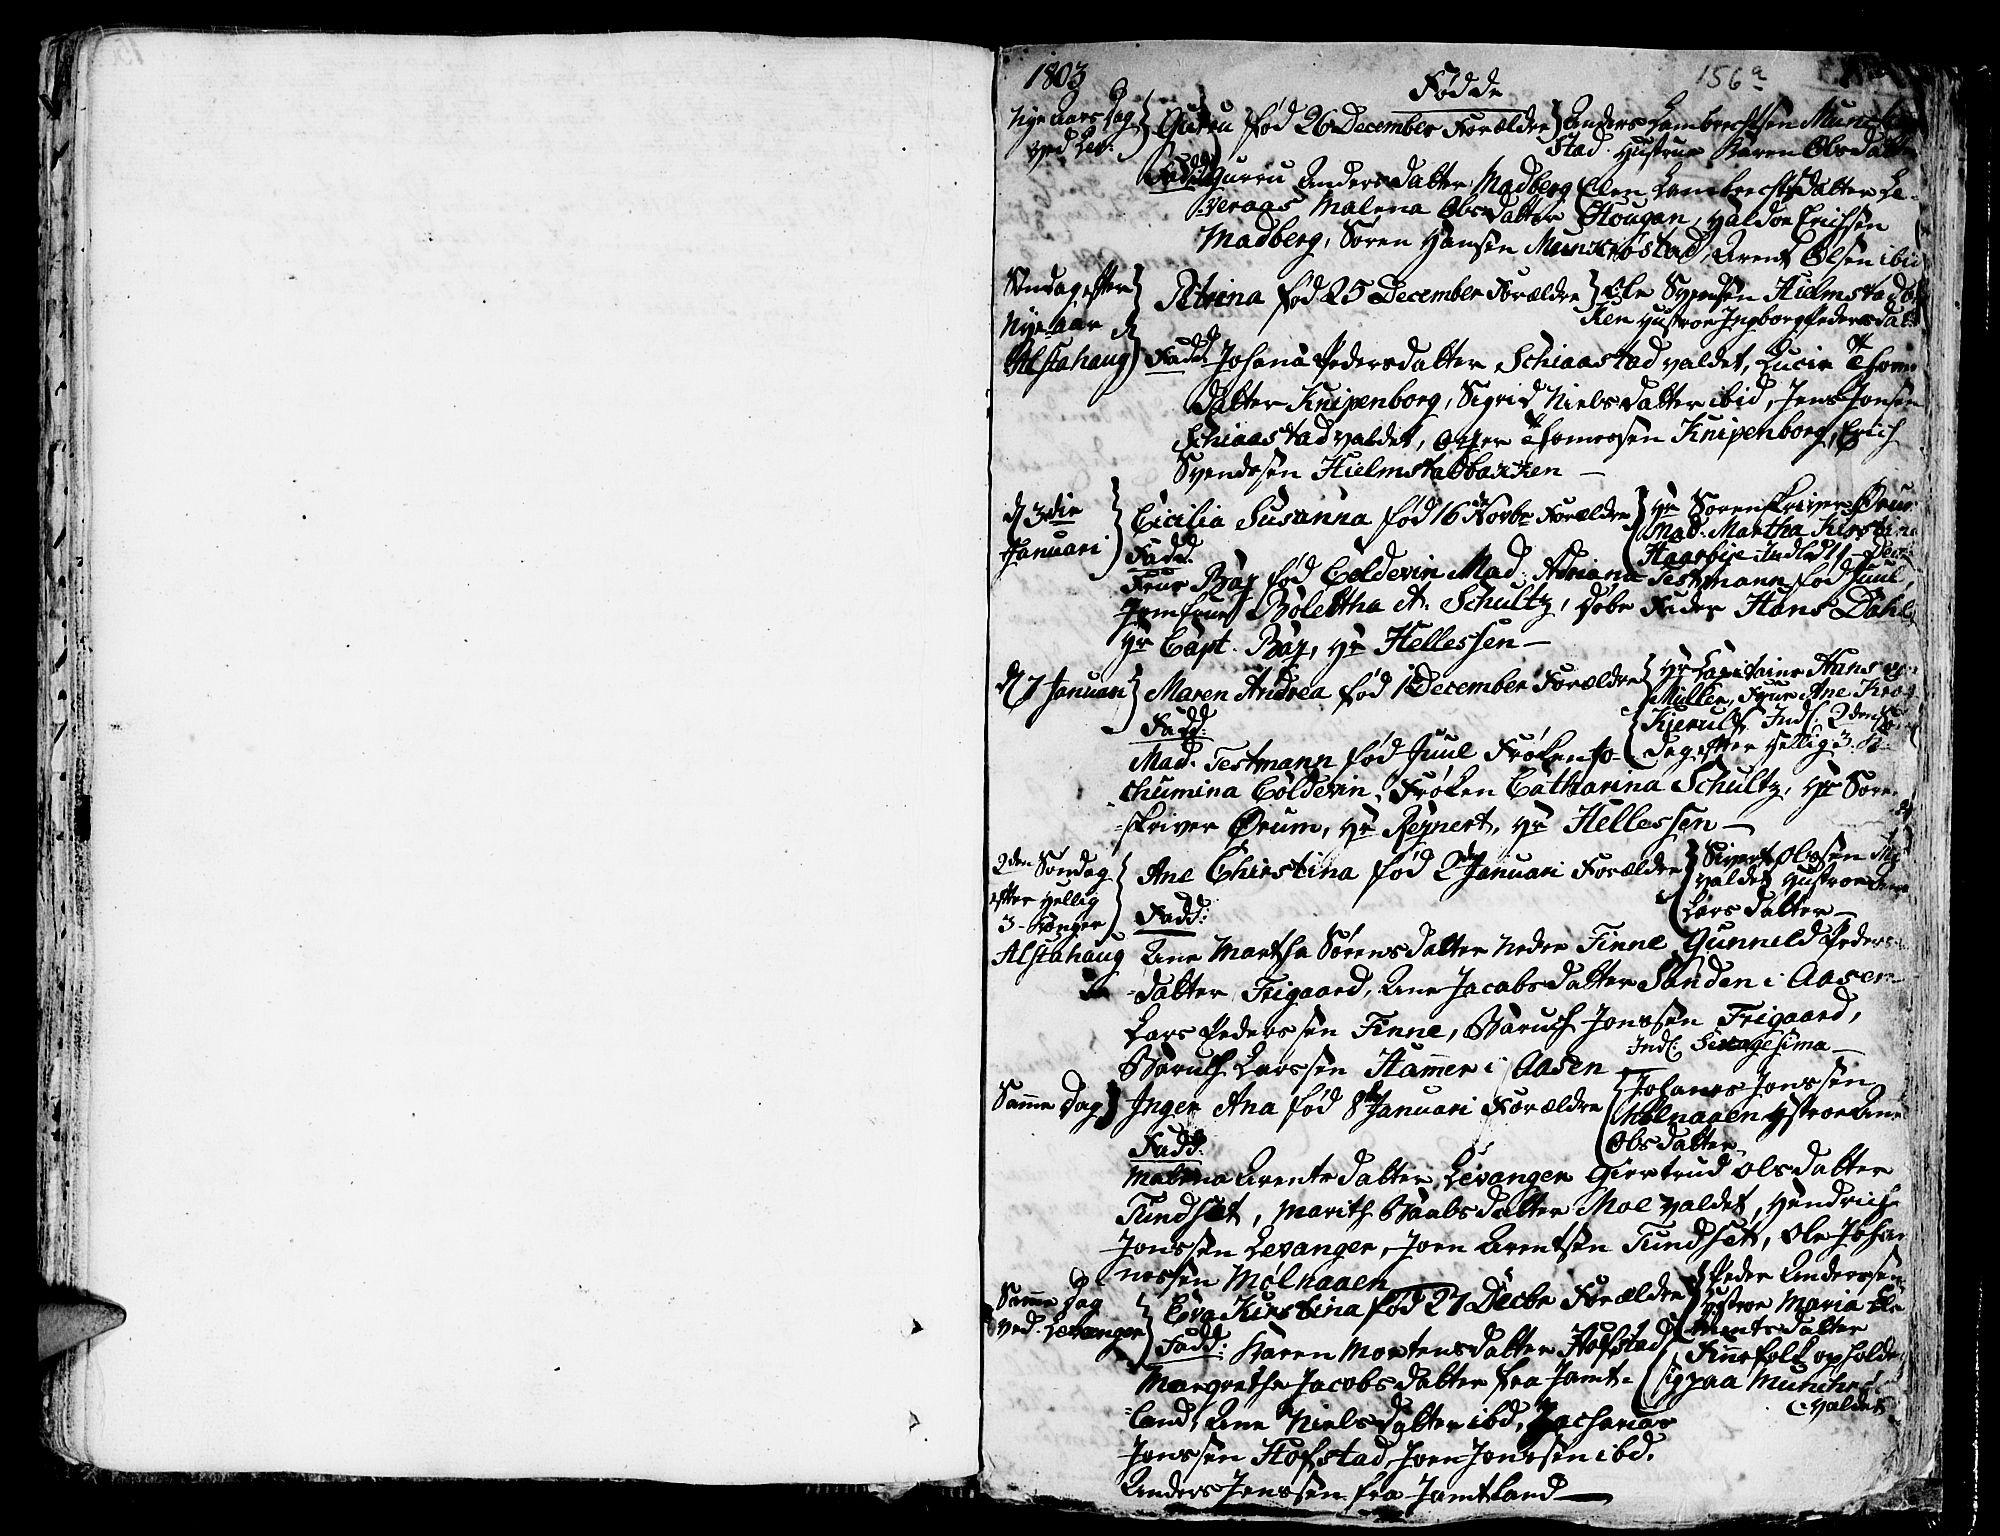 SAT, Ministerialprotokoller, klokkerbøker og fødselsregistre - Nord-Trøndelag, 717/L0142: Ministerialbok nr. 717A02 /1, 1783-1809, s. 156b